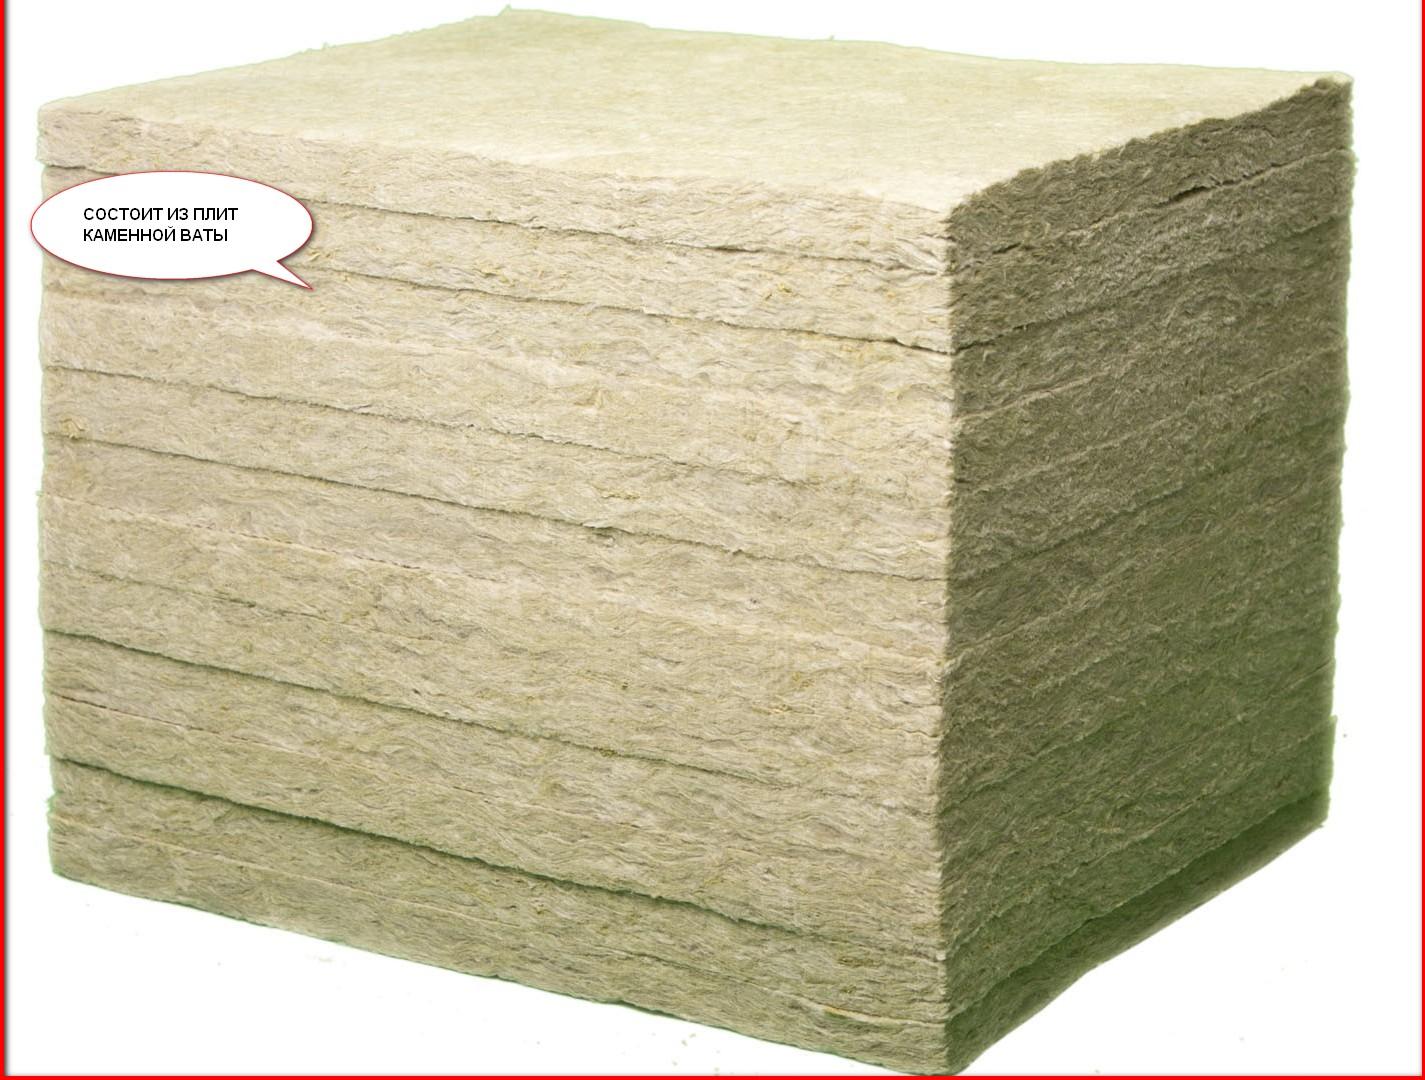 Утеплитель Сауна Баттс состоит из плит каменной ваты